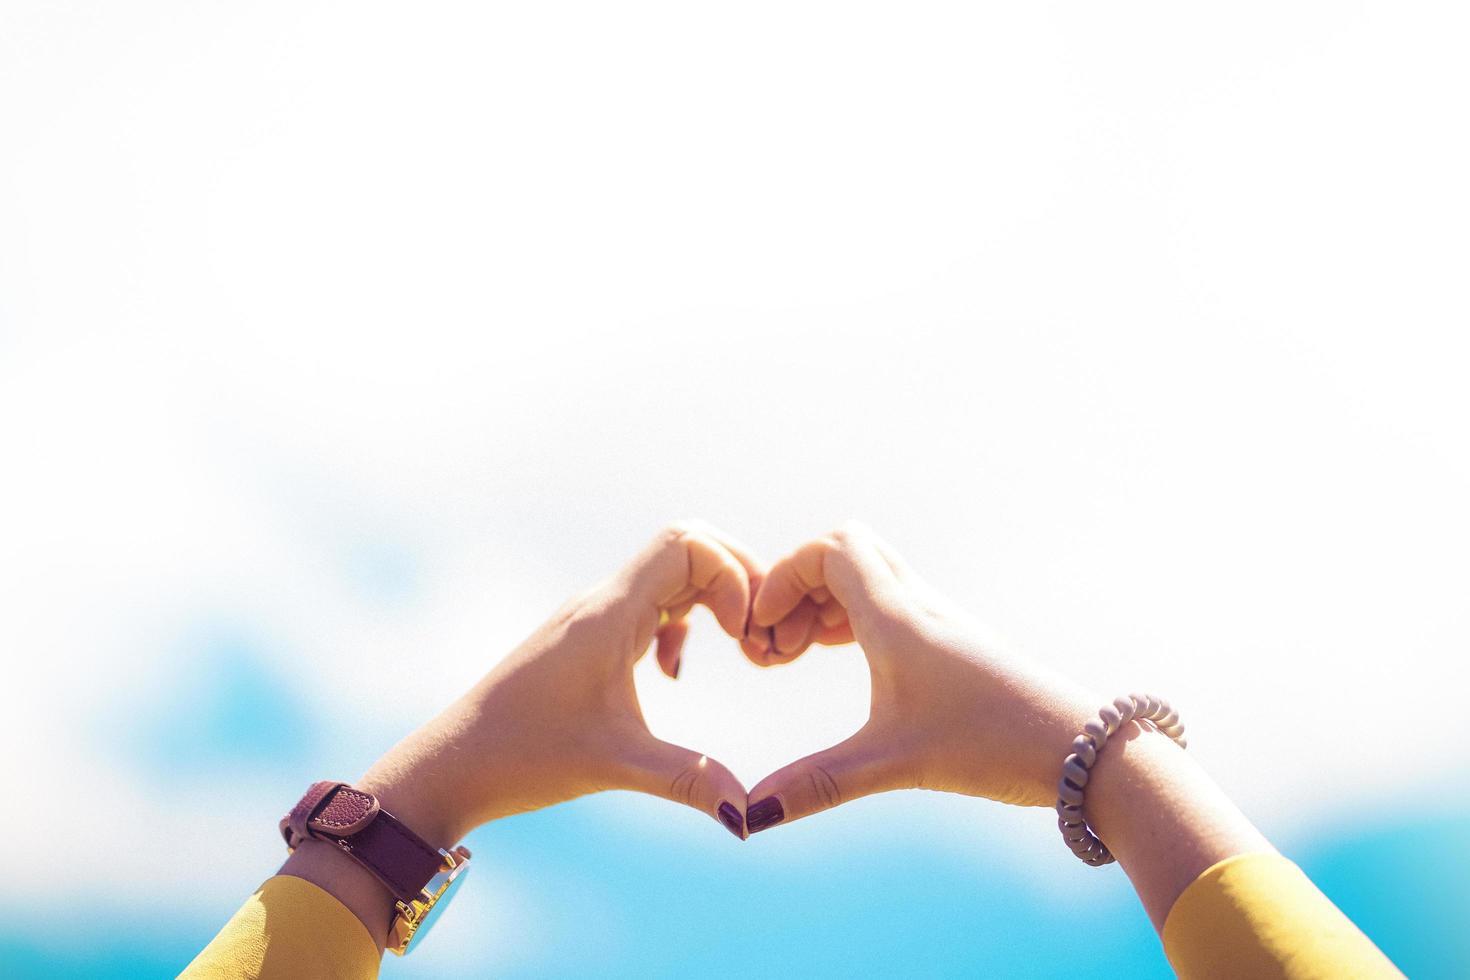 kvinnliga händer hjärta form inramning på blå himmel bakgrund foto